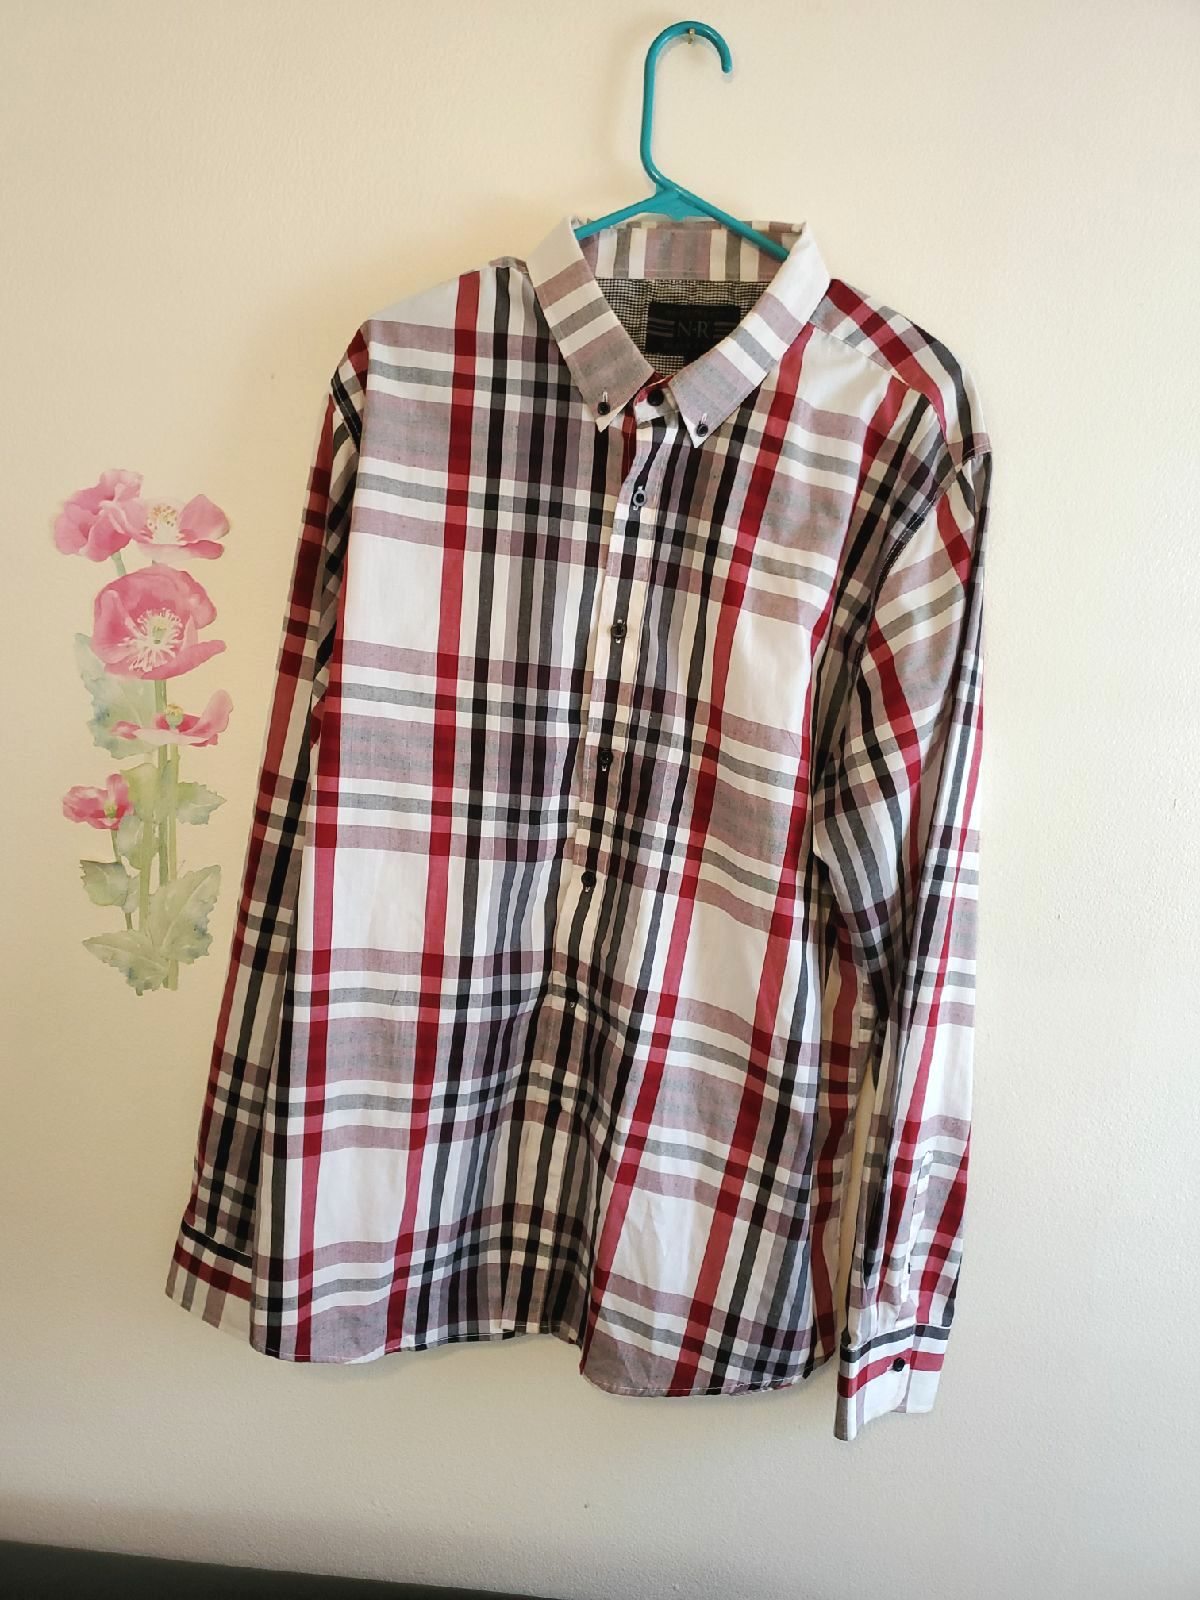 No Retreat plaid designer men's shirt/XX